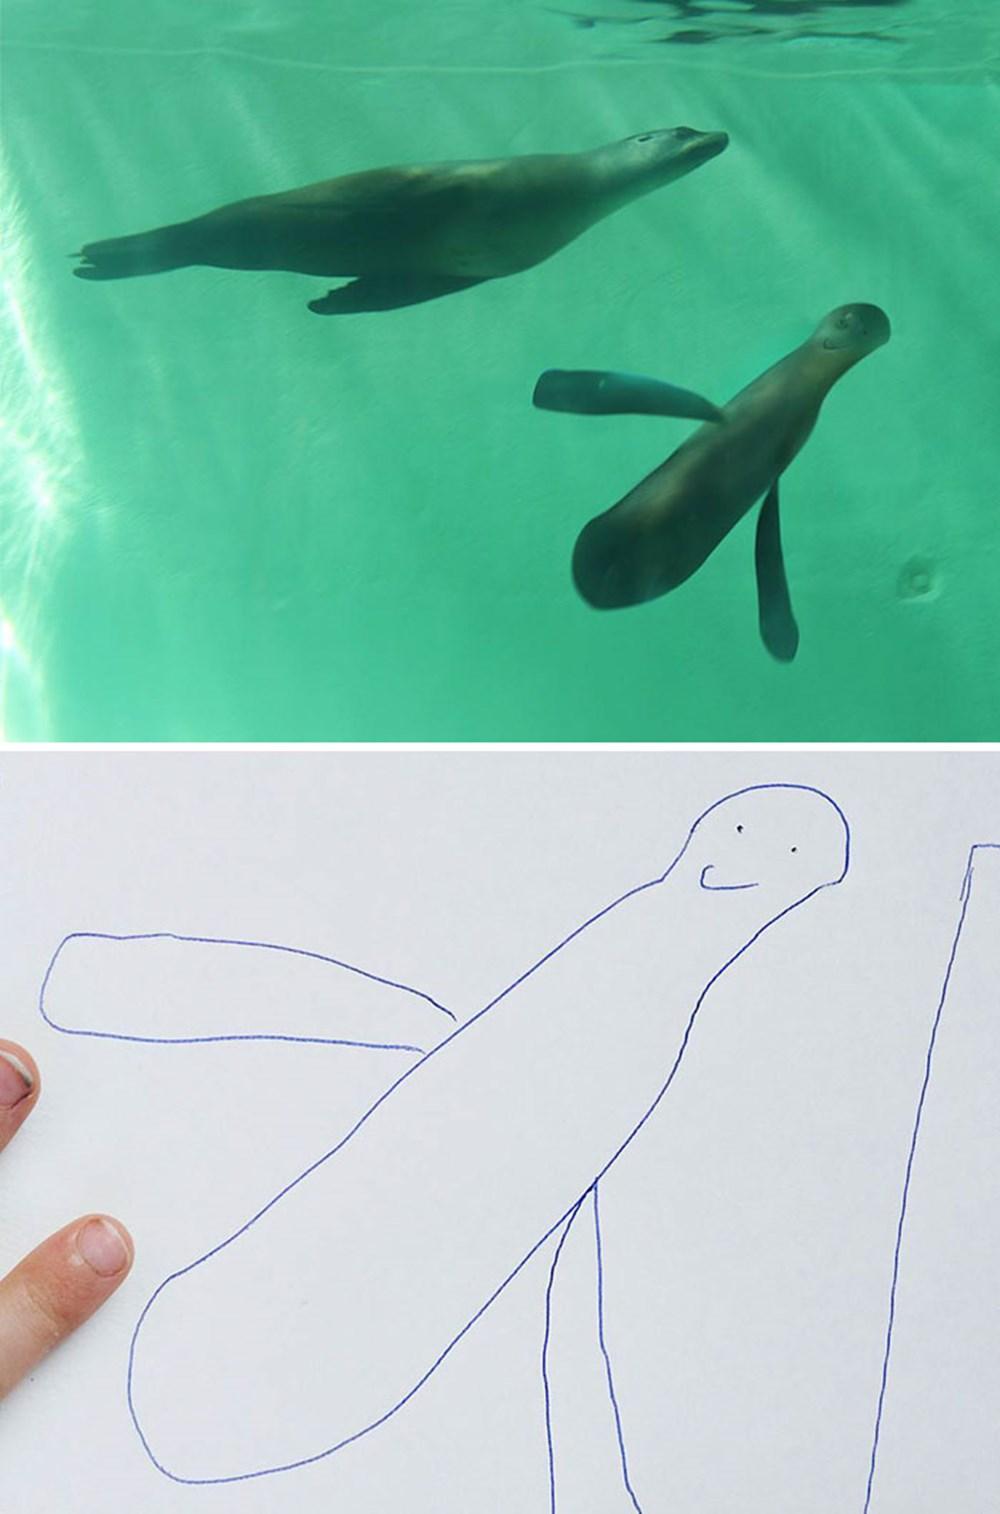 6歳の息子のイラストを父親がフォトショで再現したらティムバートン感が凄い